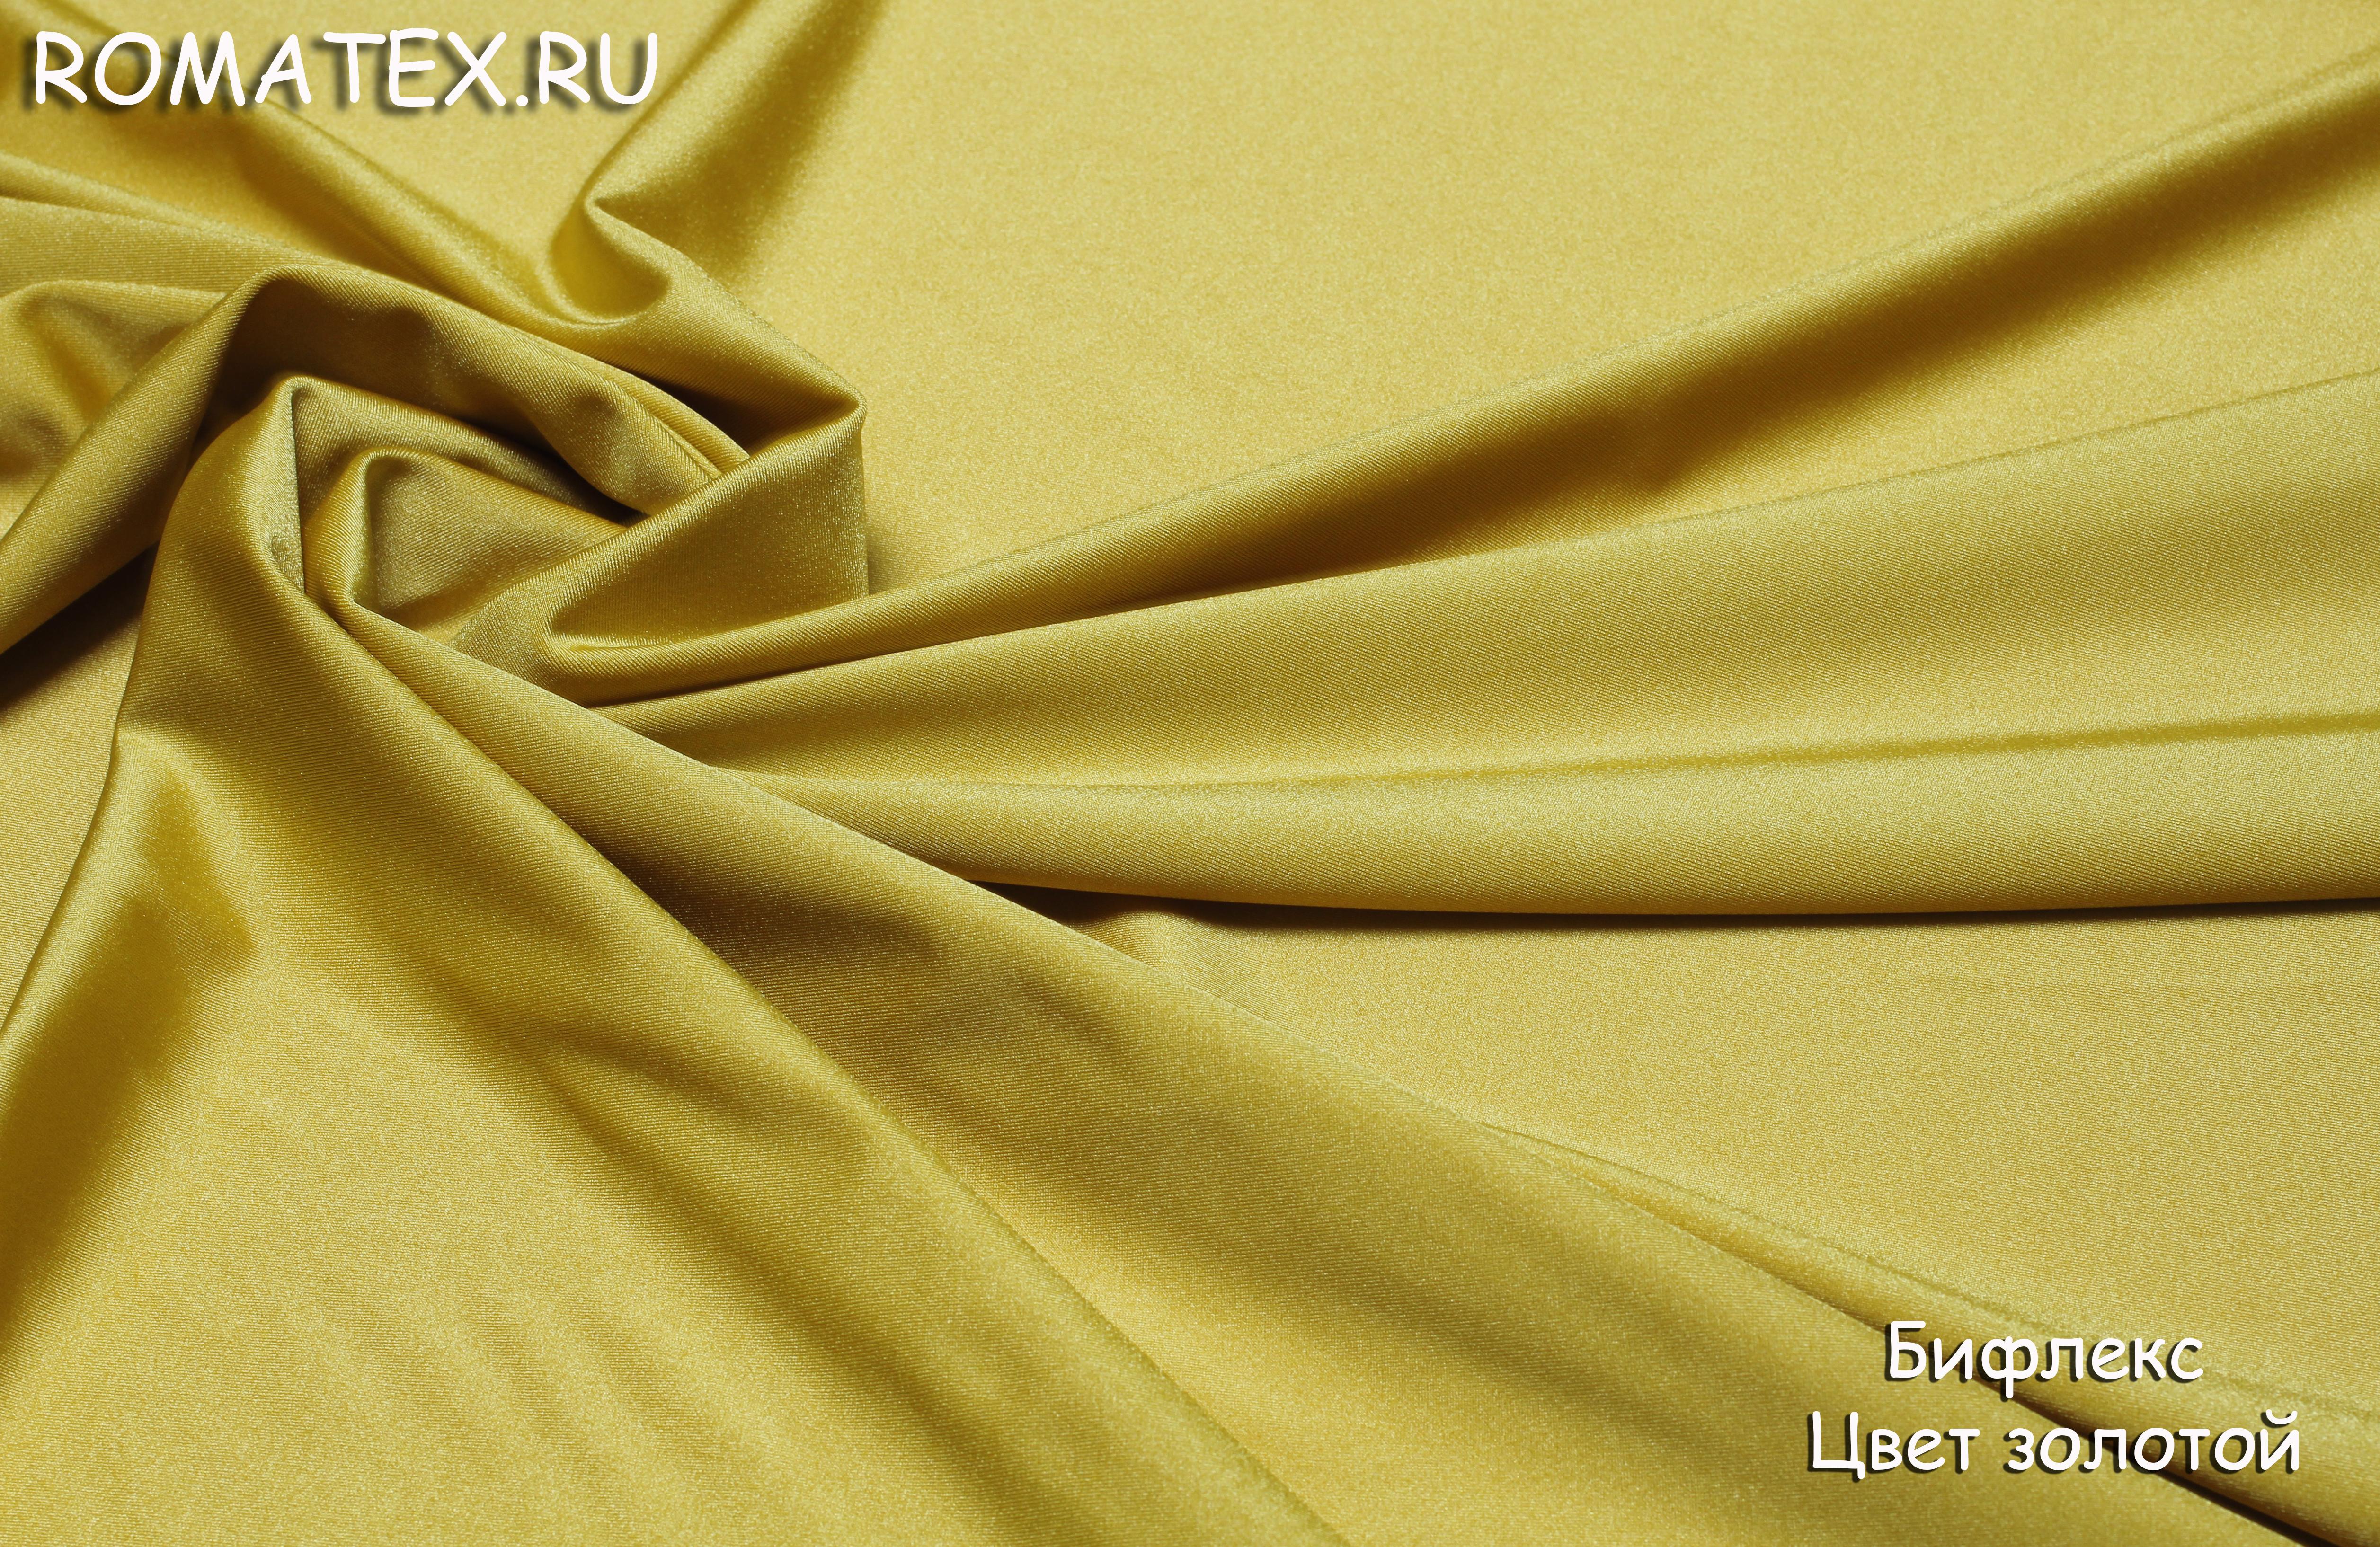 Бифлекс цвет золотой